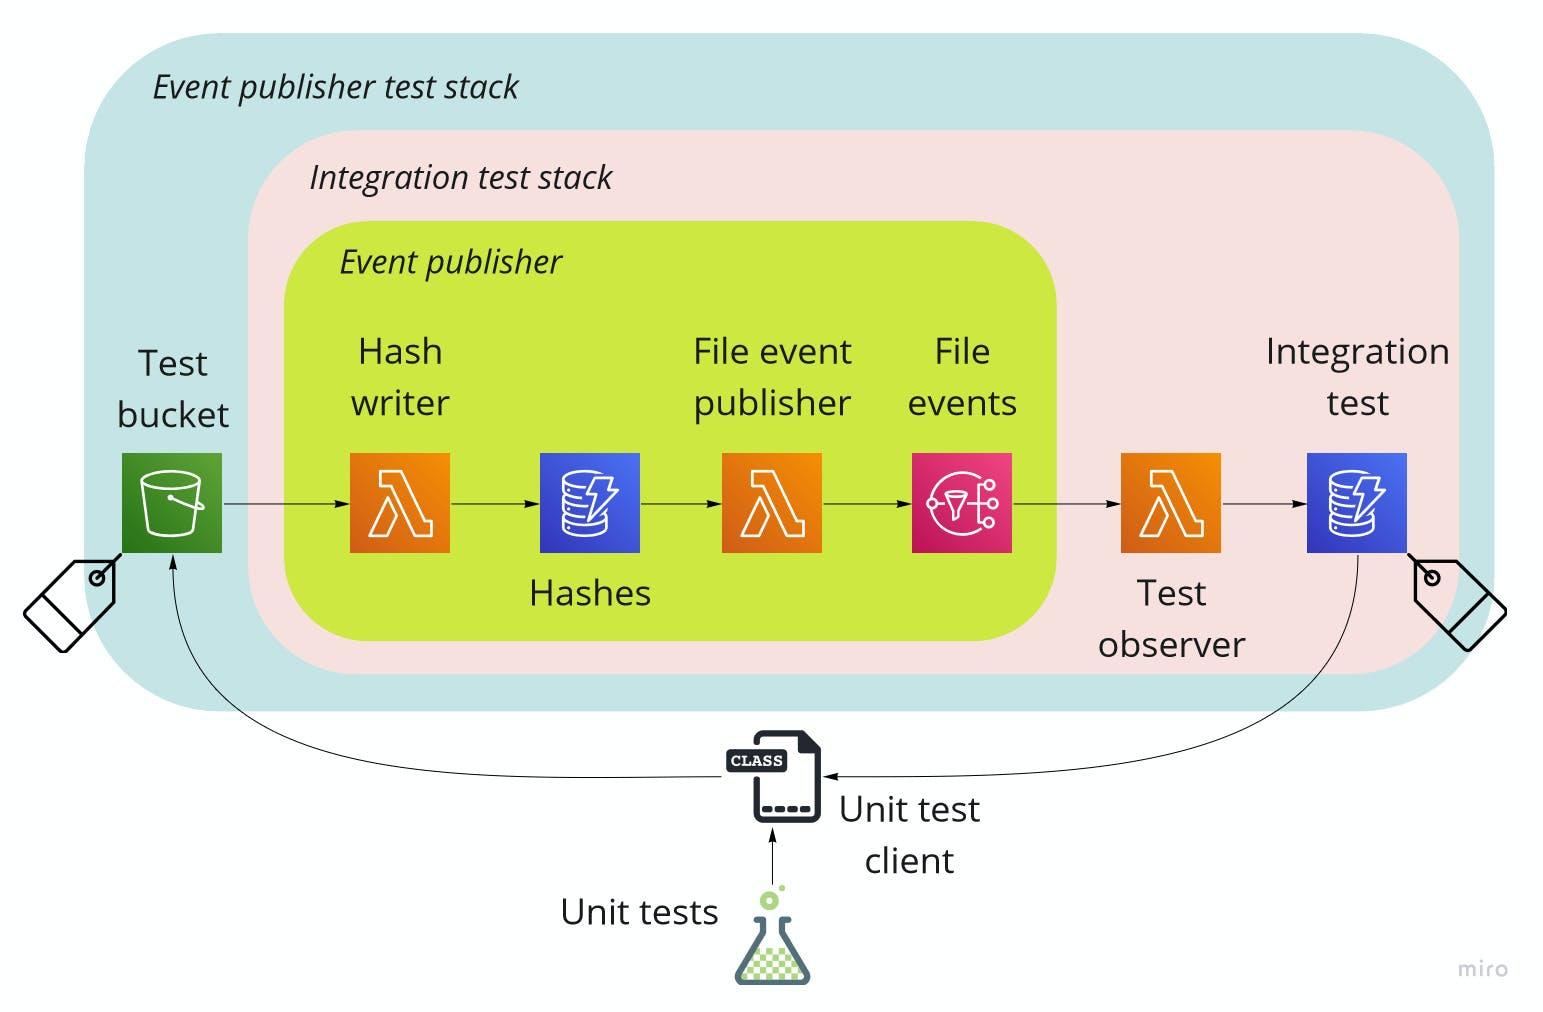 integration-test-stack.jpg